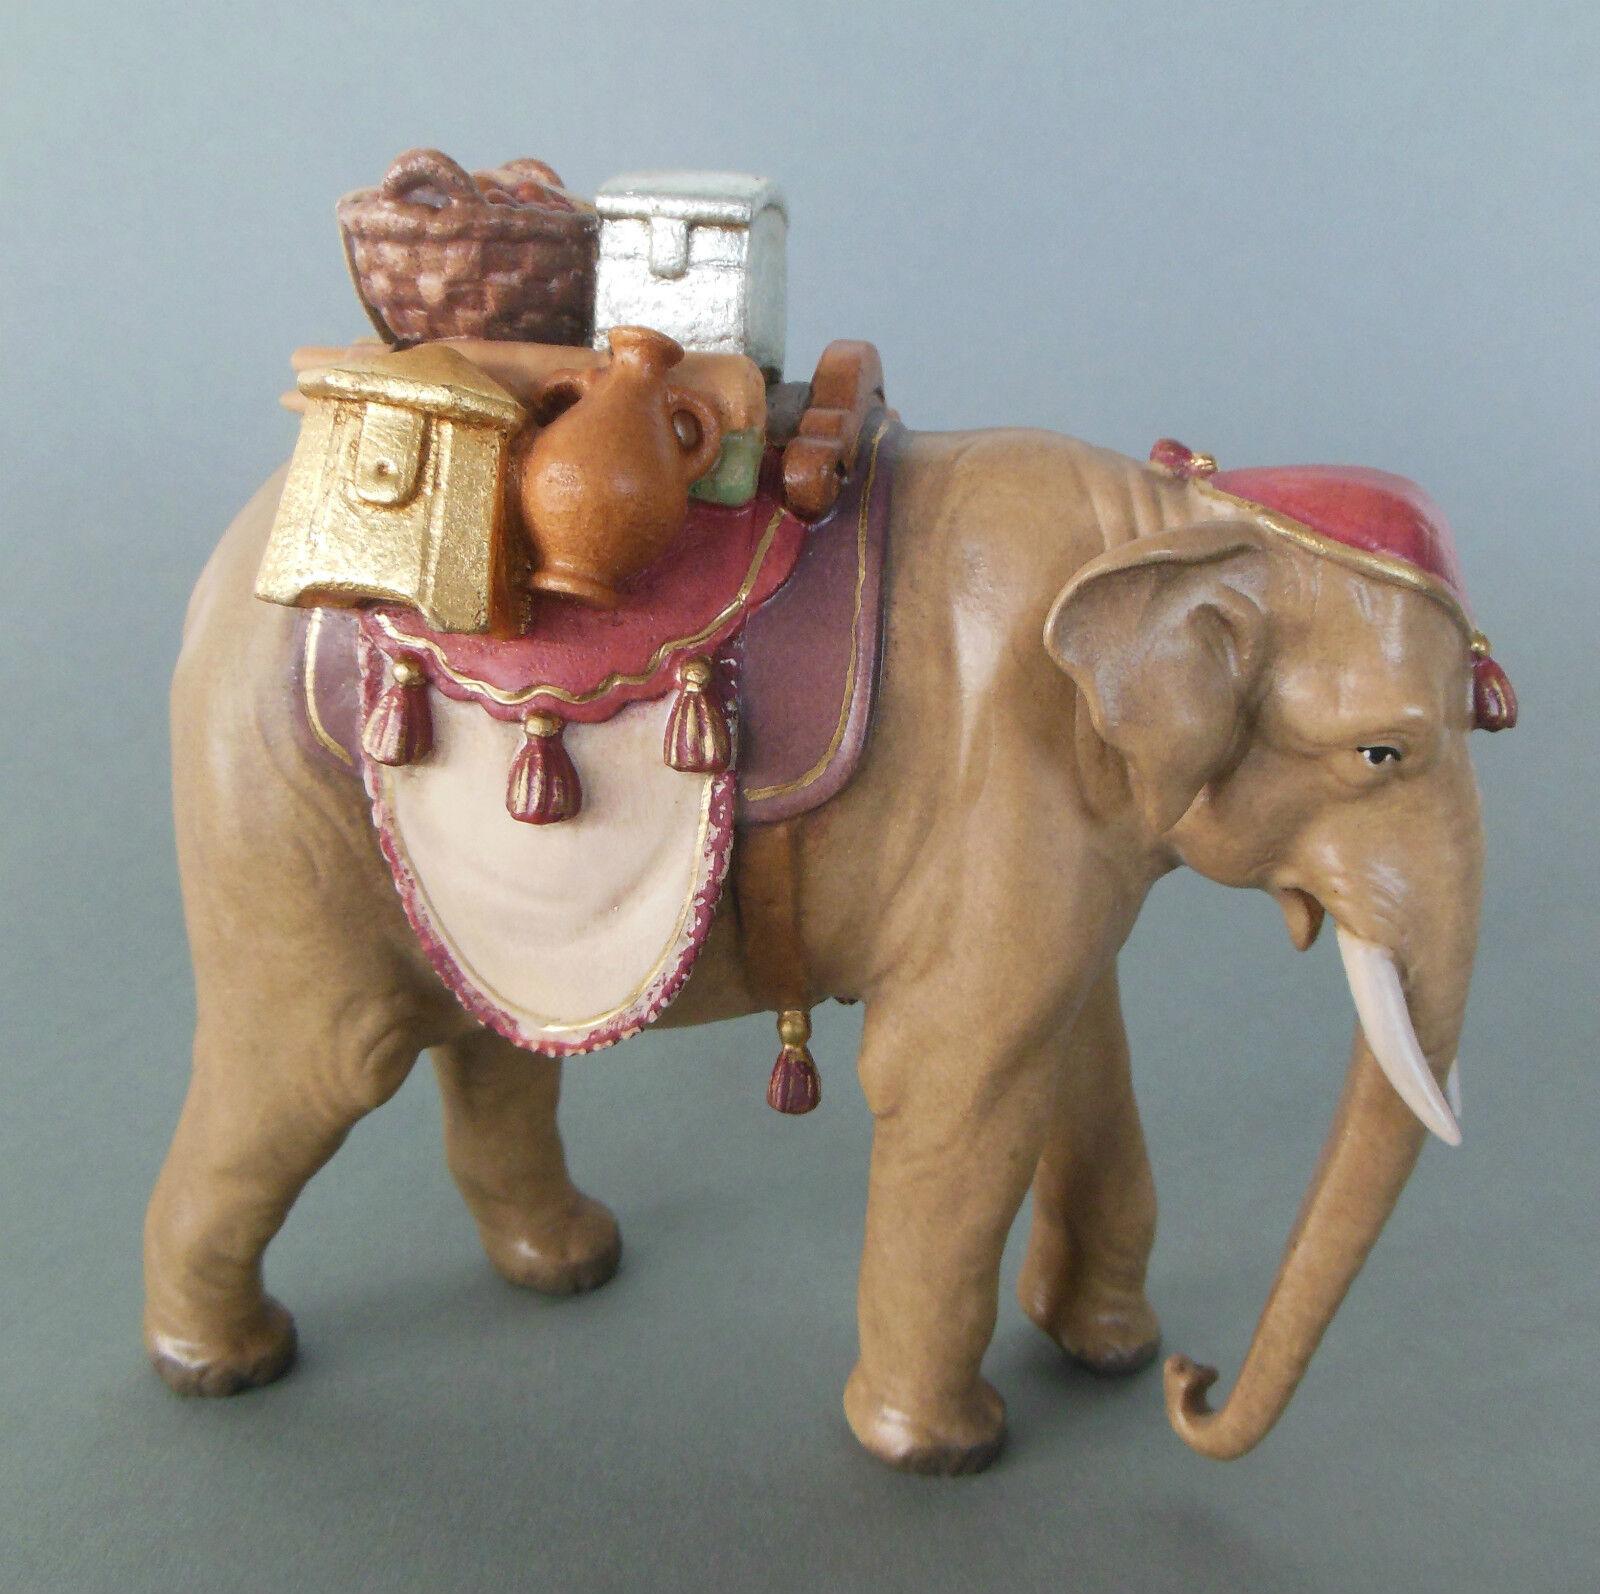 Elefant mit Gepäck braun für Krippenfiguren Größe 11 cm Holz bemalt AM 82 Nr. 2